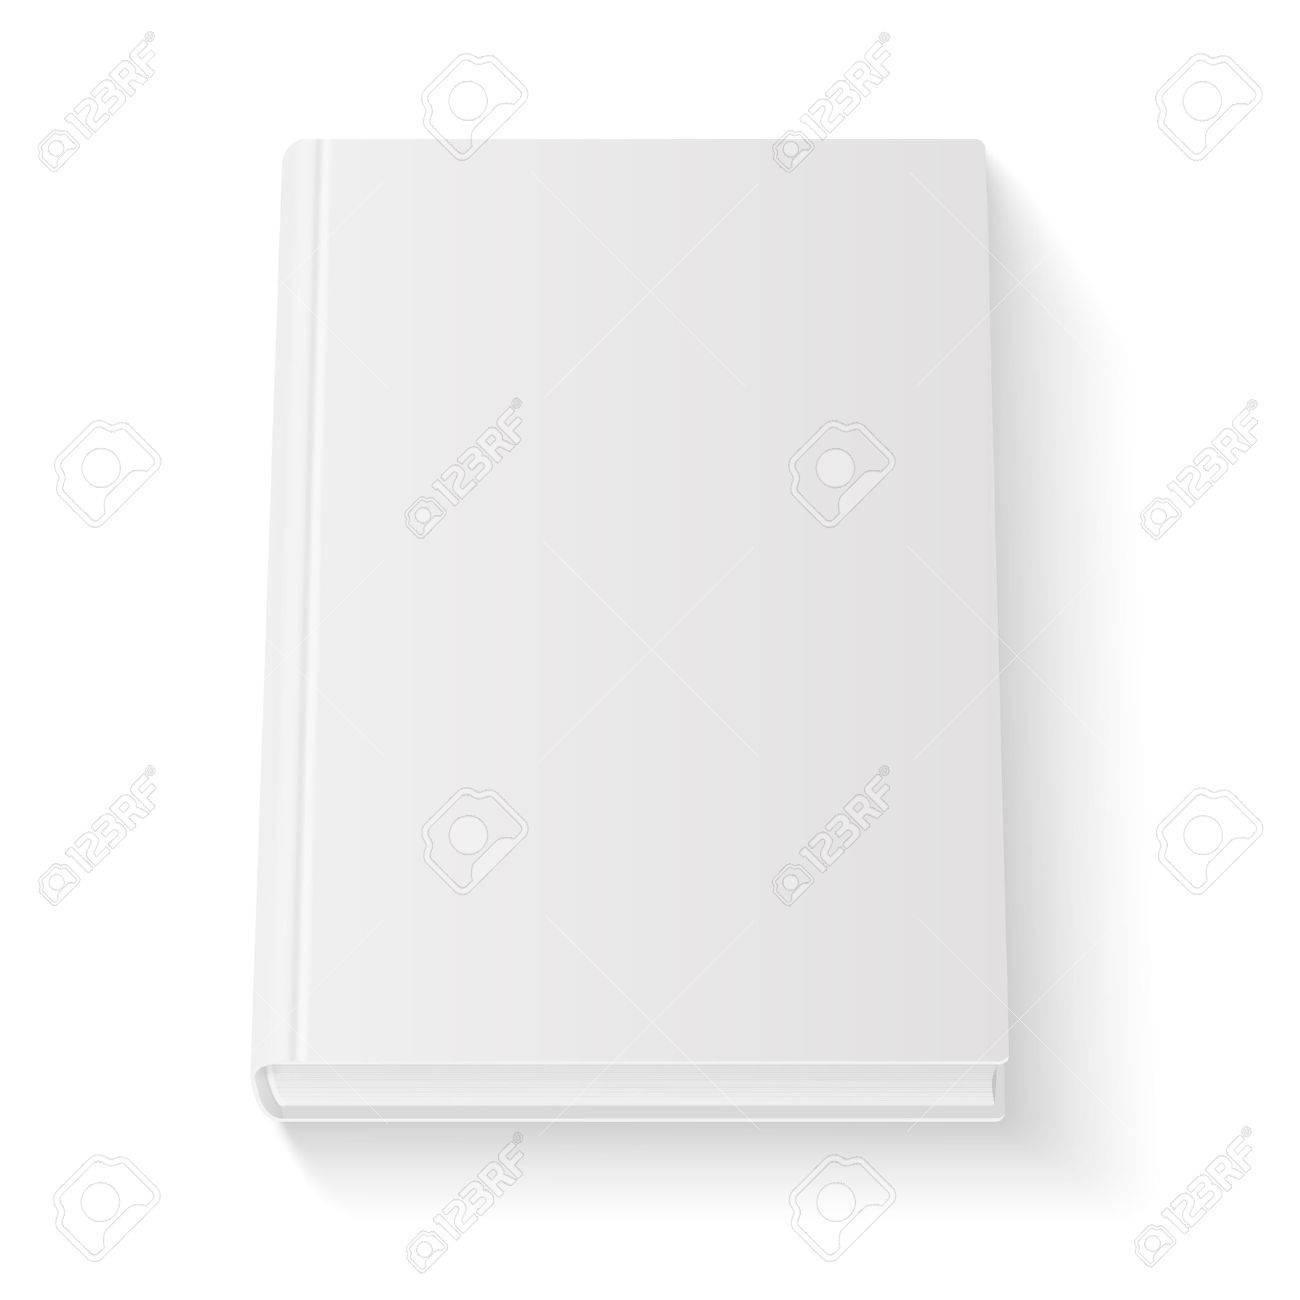 Großzügig Bucheinband Vorlage Psd Ideen - Beispiel Anschreiben für ...